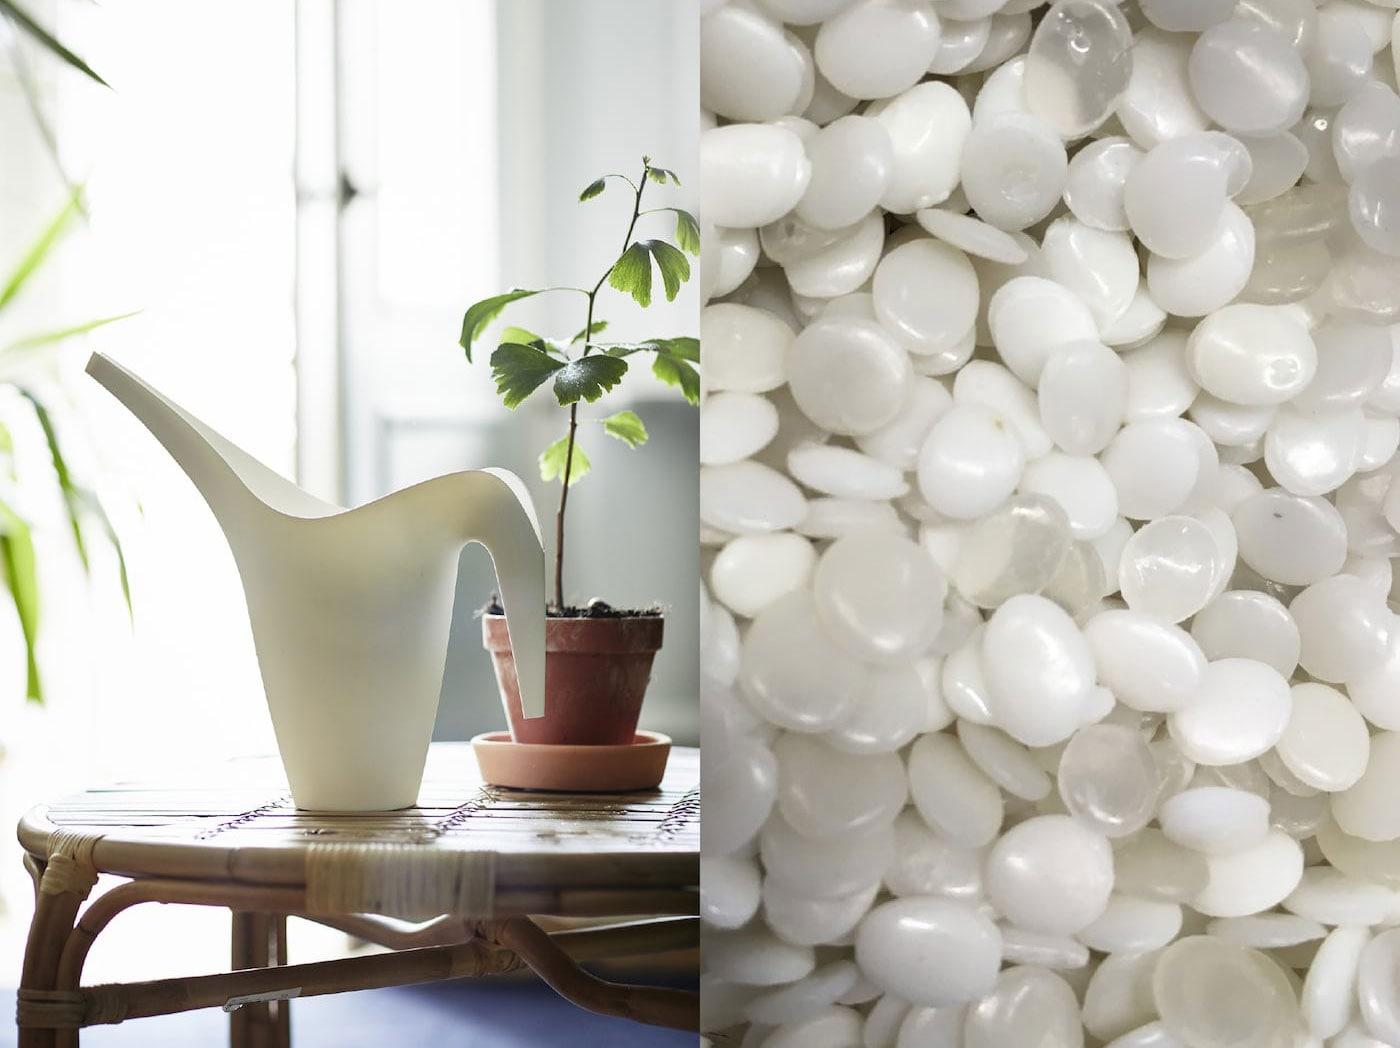 PET műanyag és műanyag fehér locsolókanna.